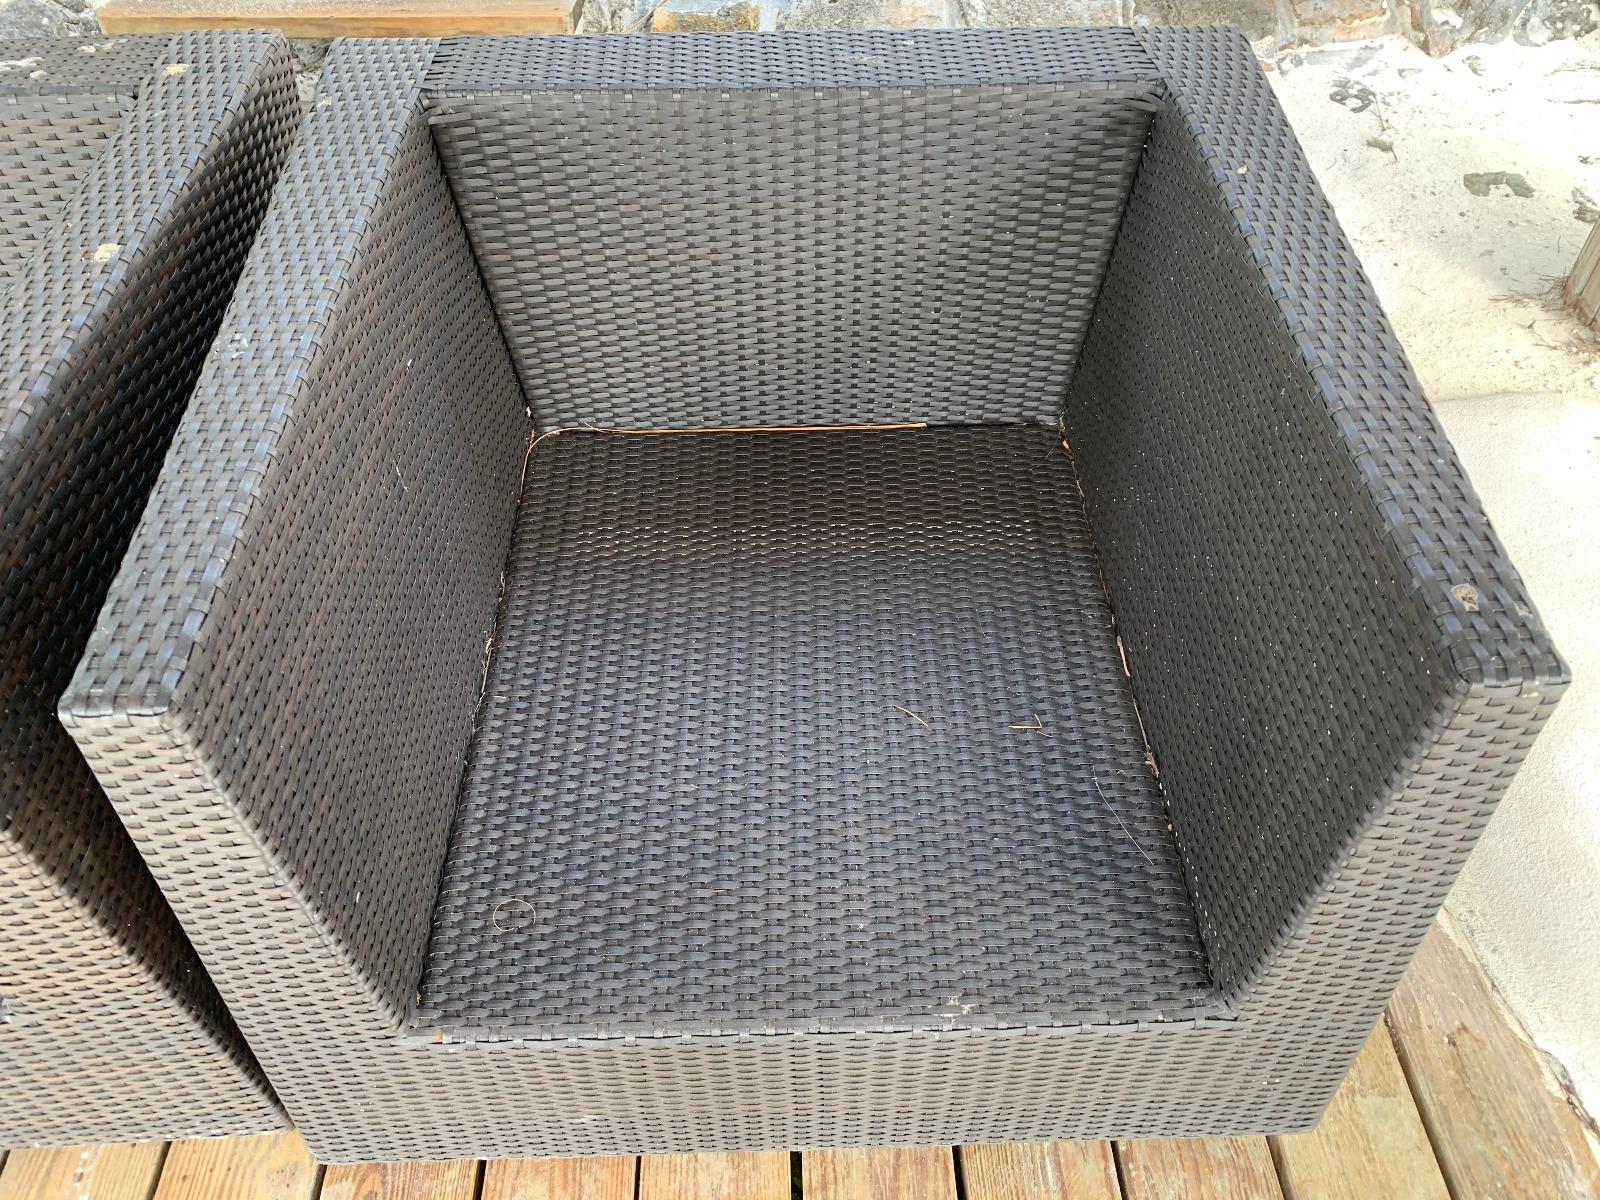 4-Piece Wicker Set